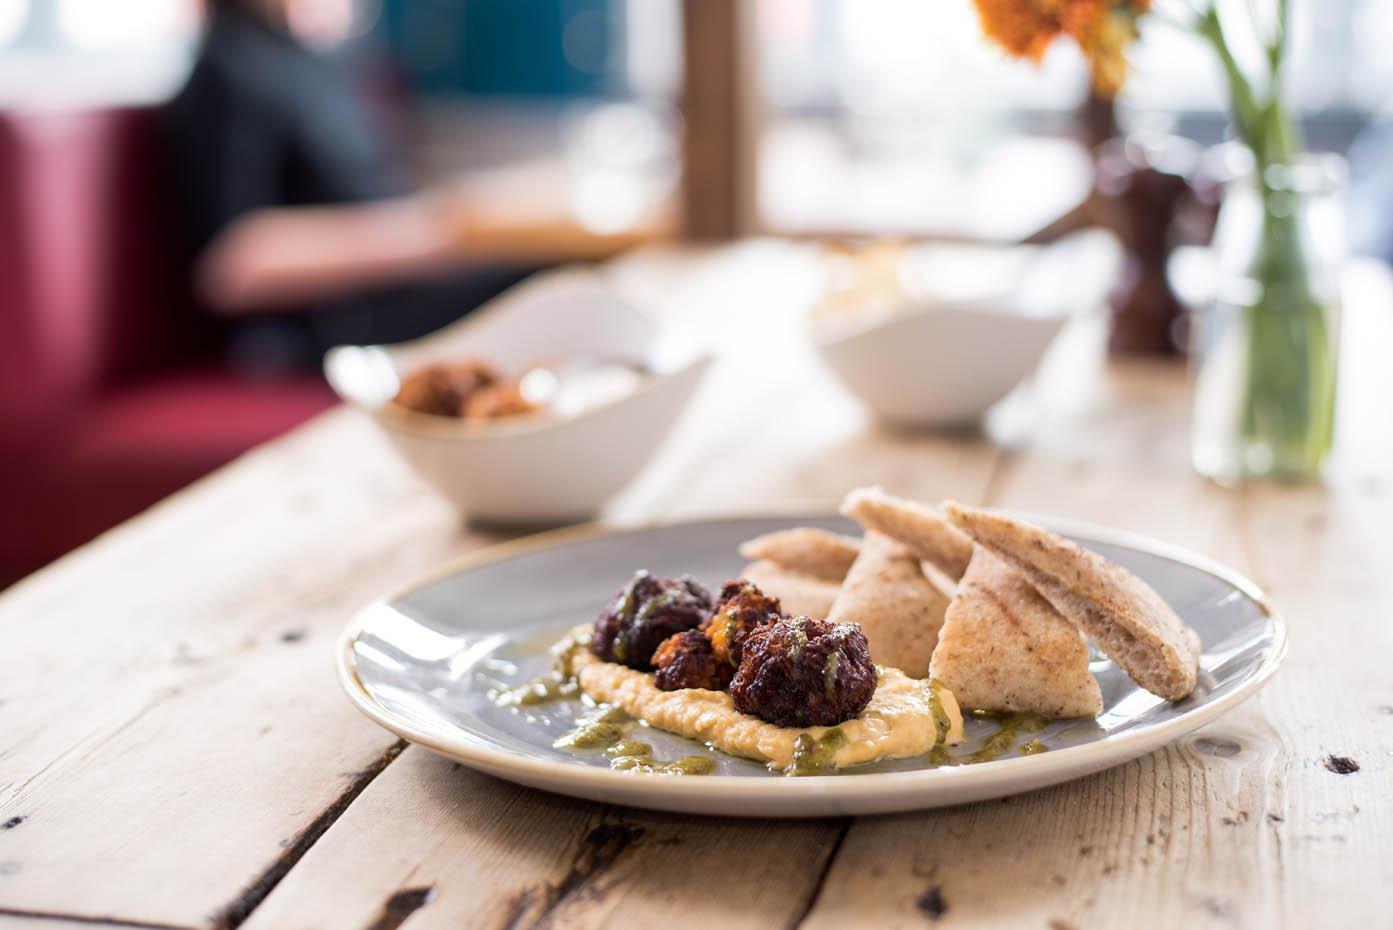 Livelyhood-Hummus-Clapham-Mere Scribbler